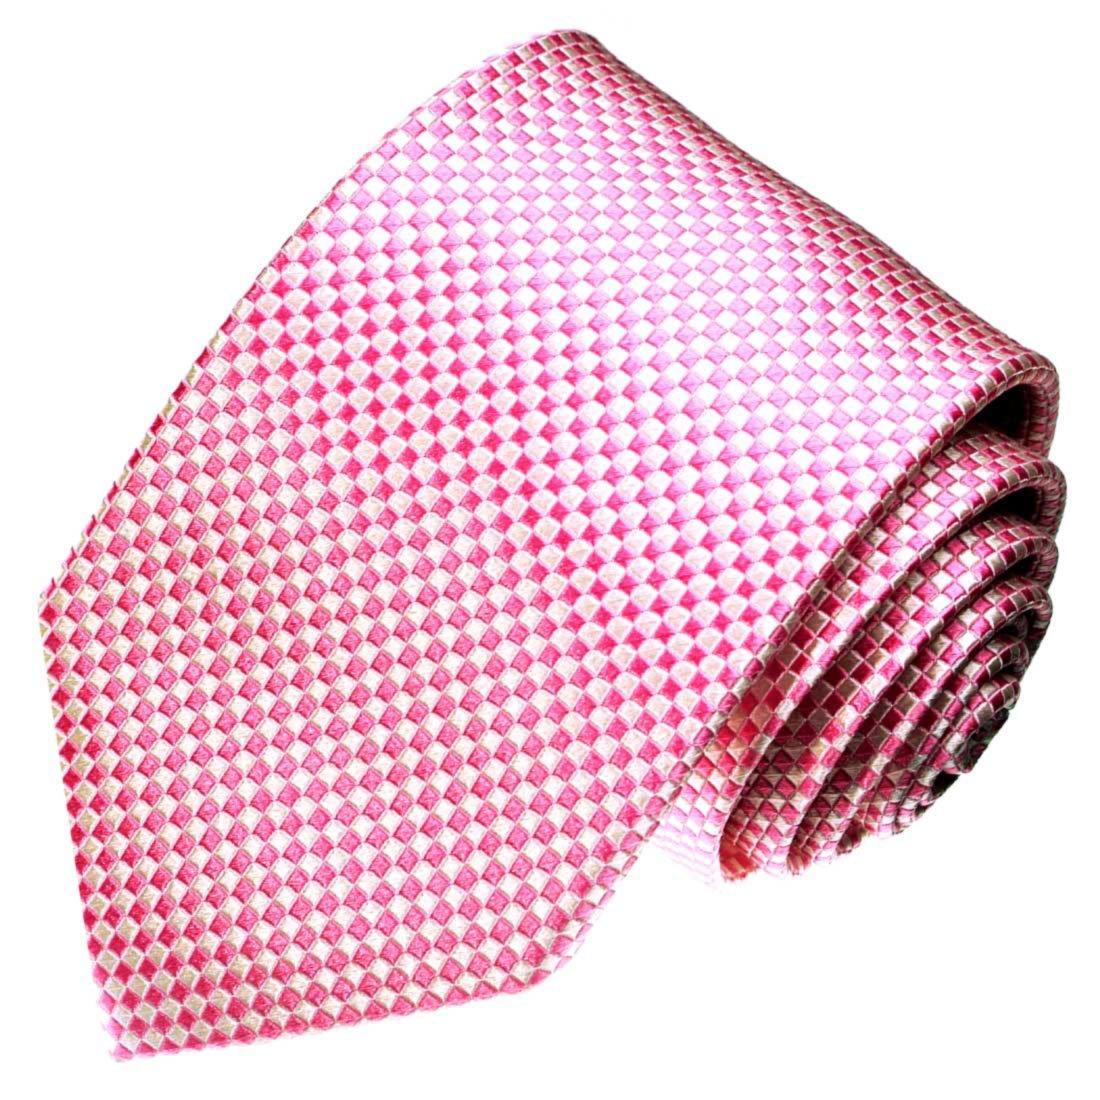 LORENZO CANA - Marcas corbata de seda 100% seda, color rose y ...